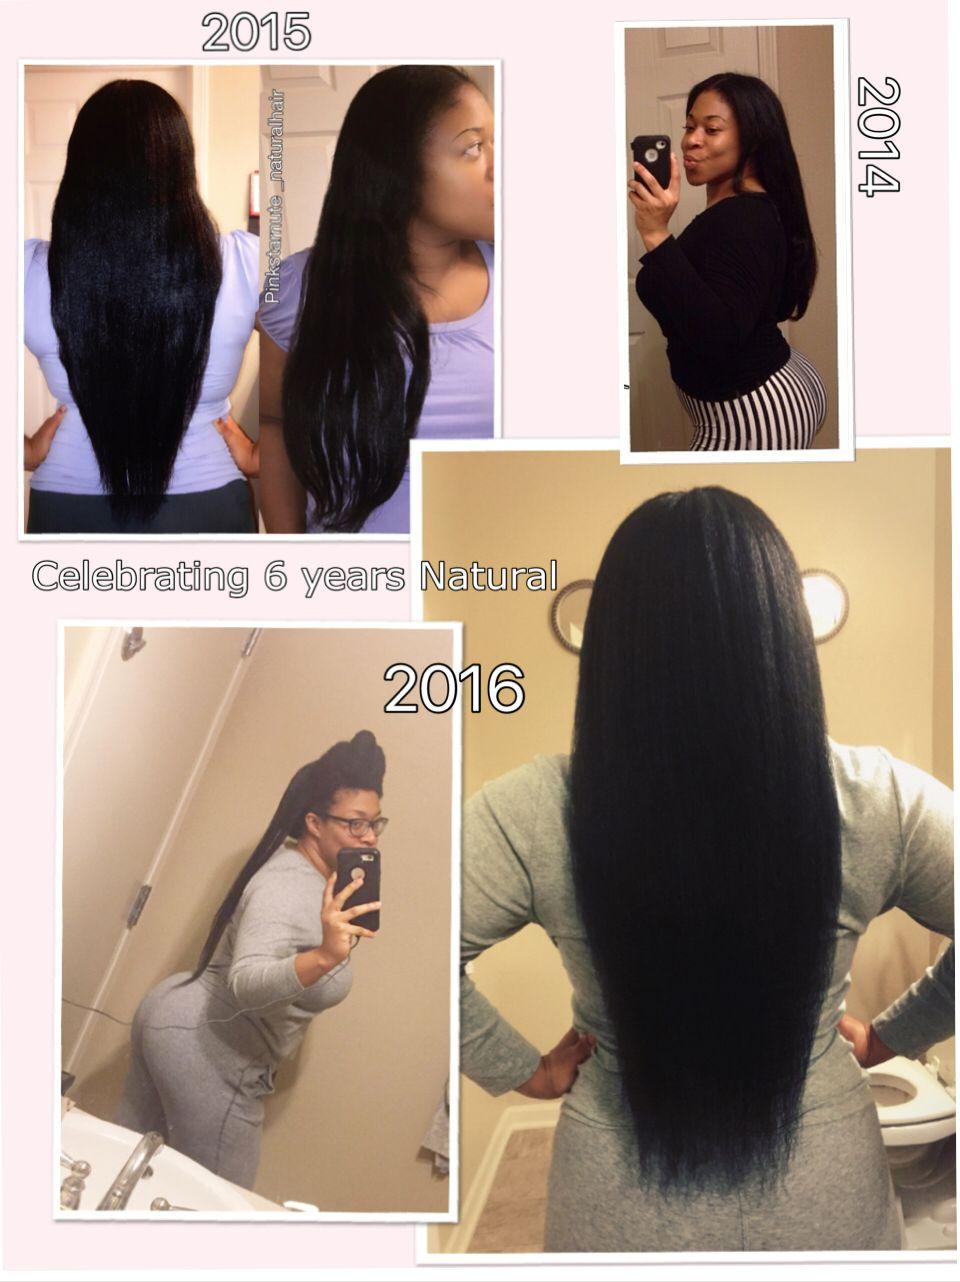 6 Years Natural Tailbone Length Hip Length Hair Natural Black Hair Growth Waist Length Hair